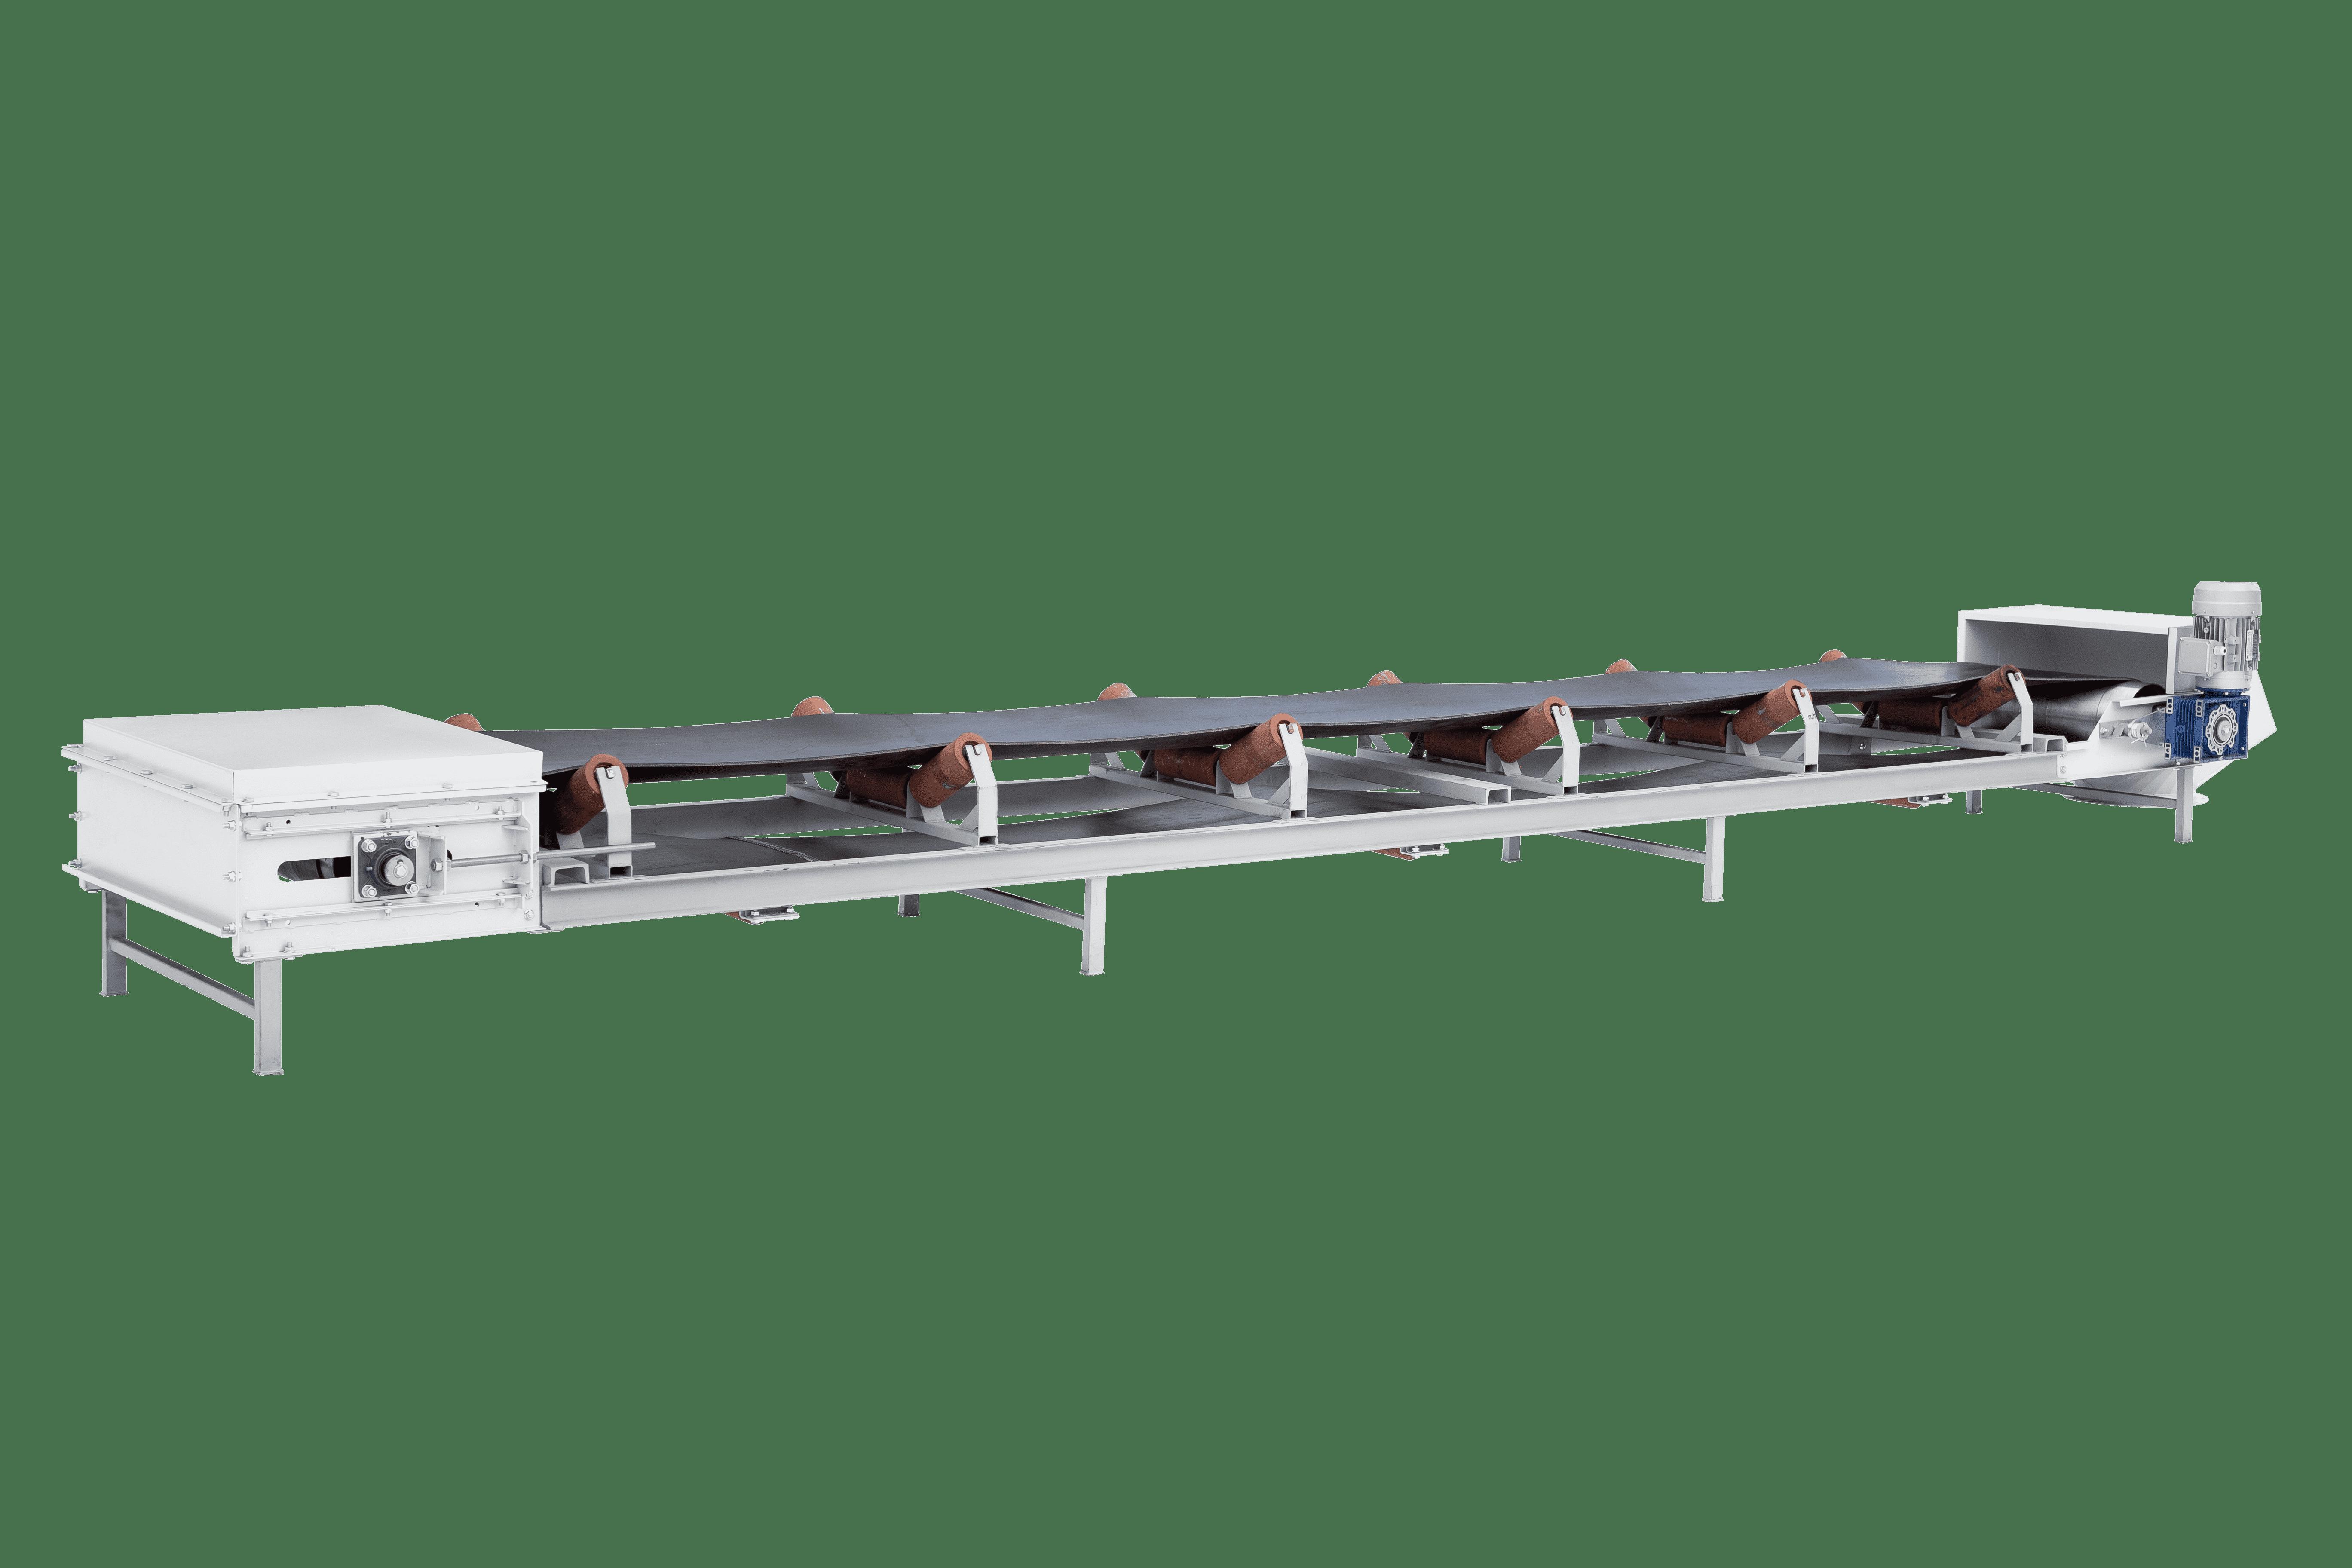 Ленточный транспортер купить в красноярске гидравлическое сцепление транспортер т4